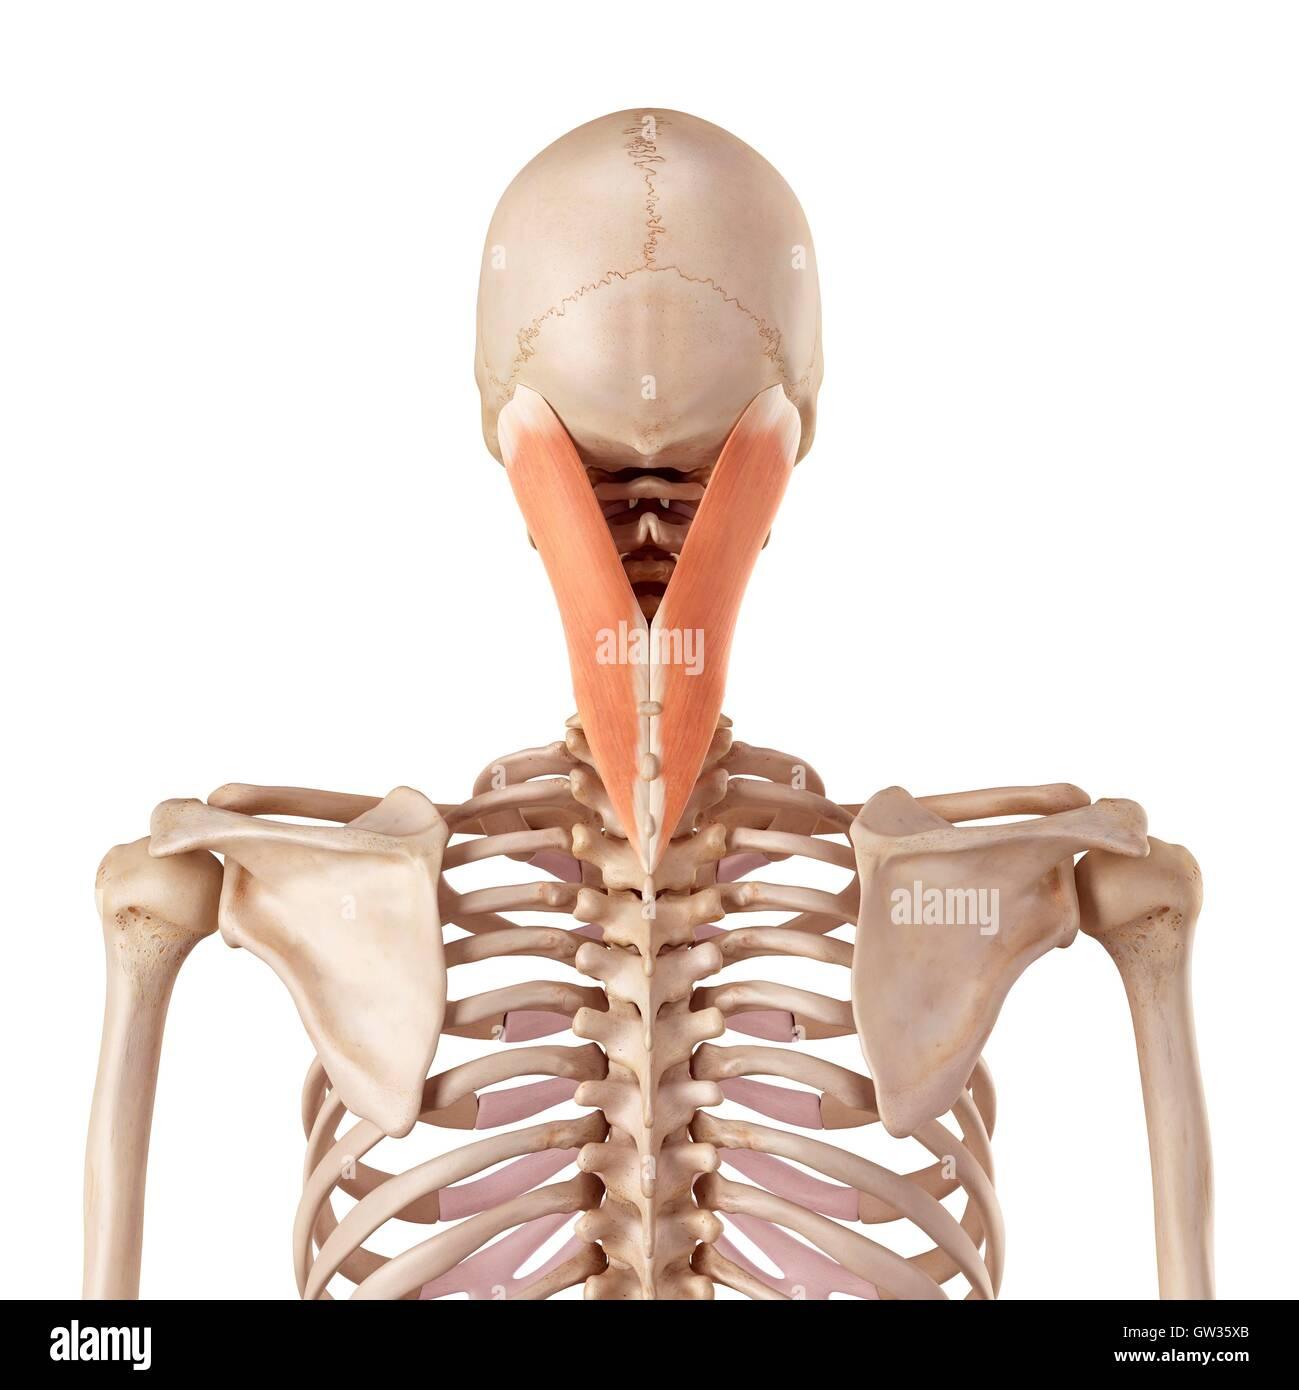 Menschlichen zervikalen Muskel, Abbildung Stockfoto, Bild: 118699123 ...